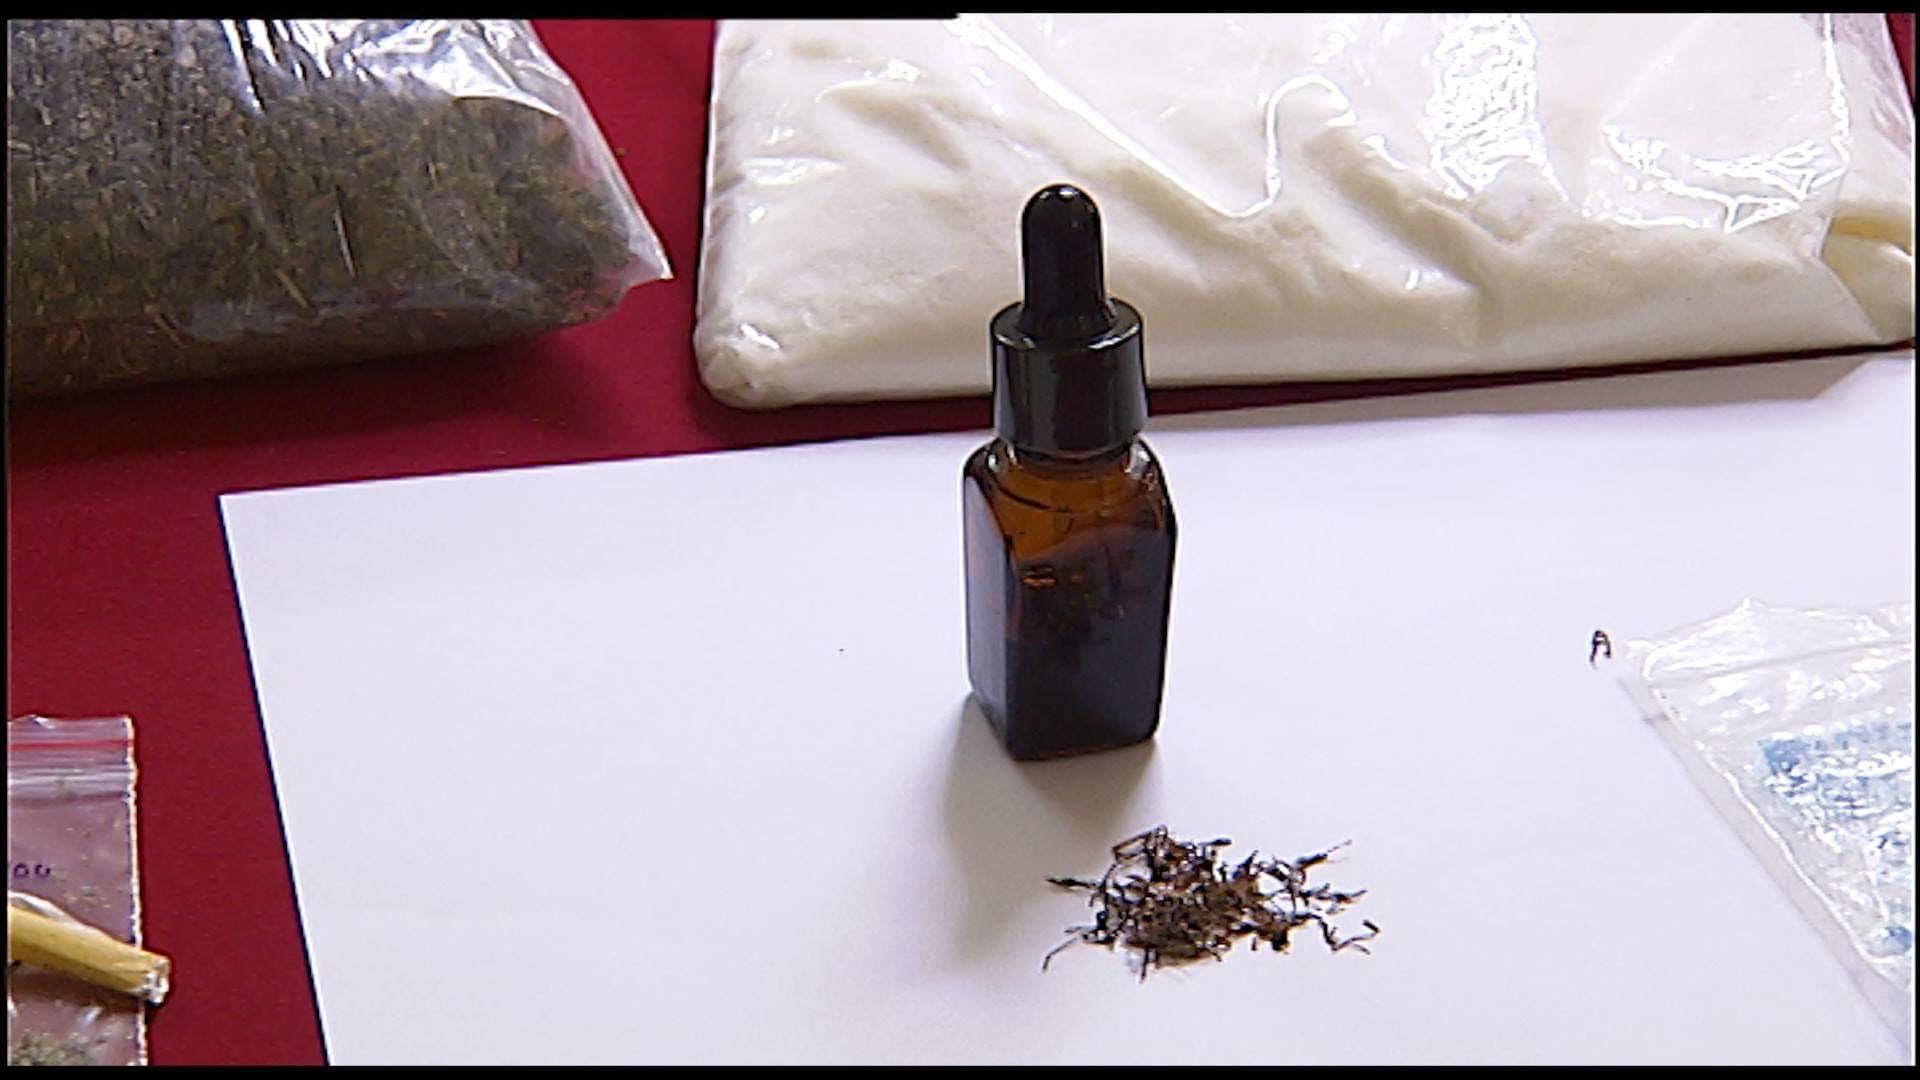 Sốc: Phát hiện thuốc lá điện tử có chứa ma túy tổng hợp, nguy cơ tàn phá sức khỏe học sinh - Ảnh 5.